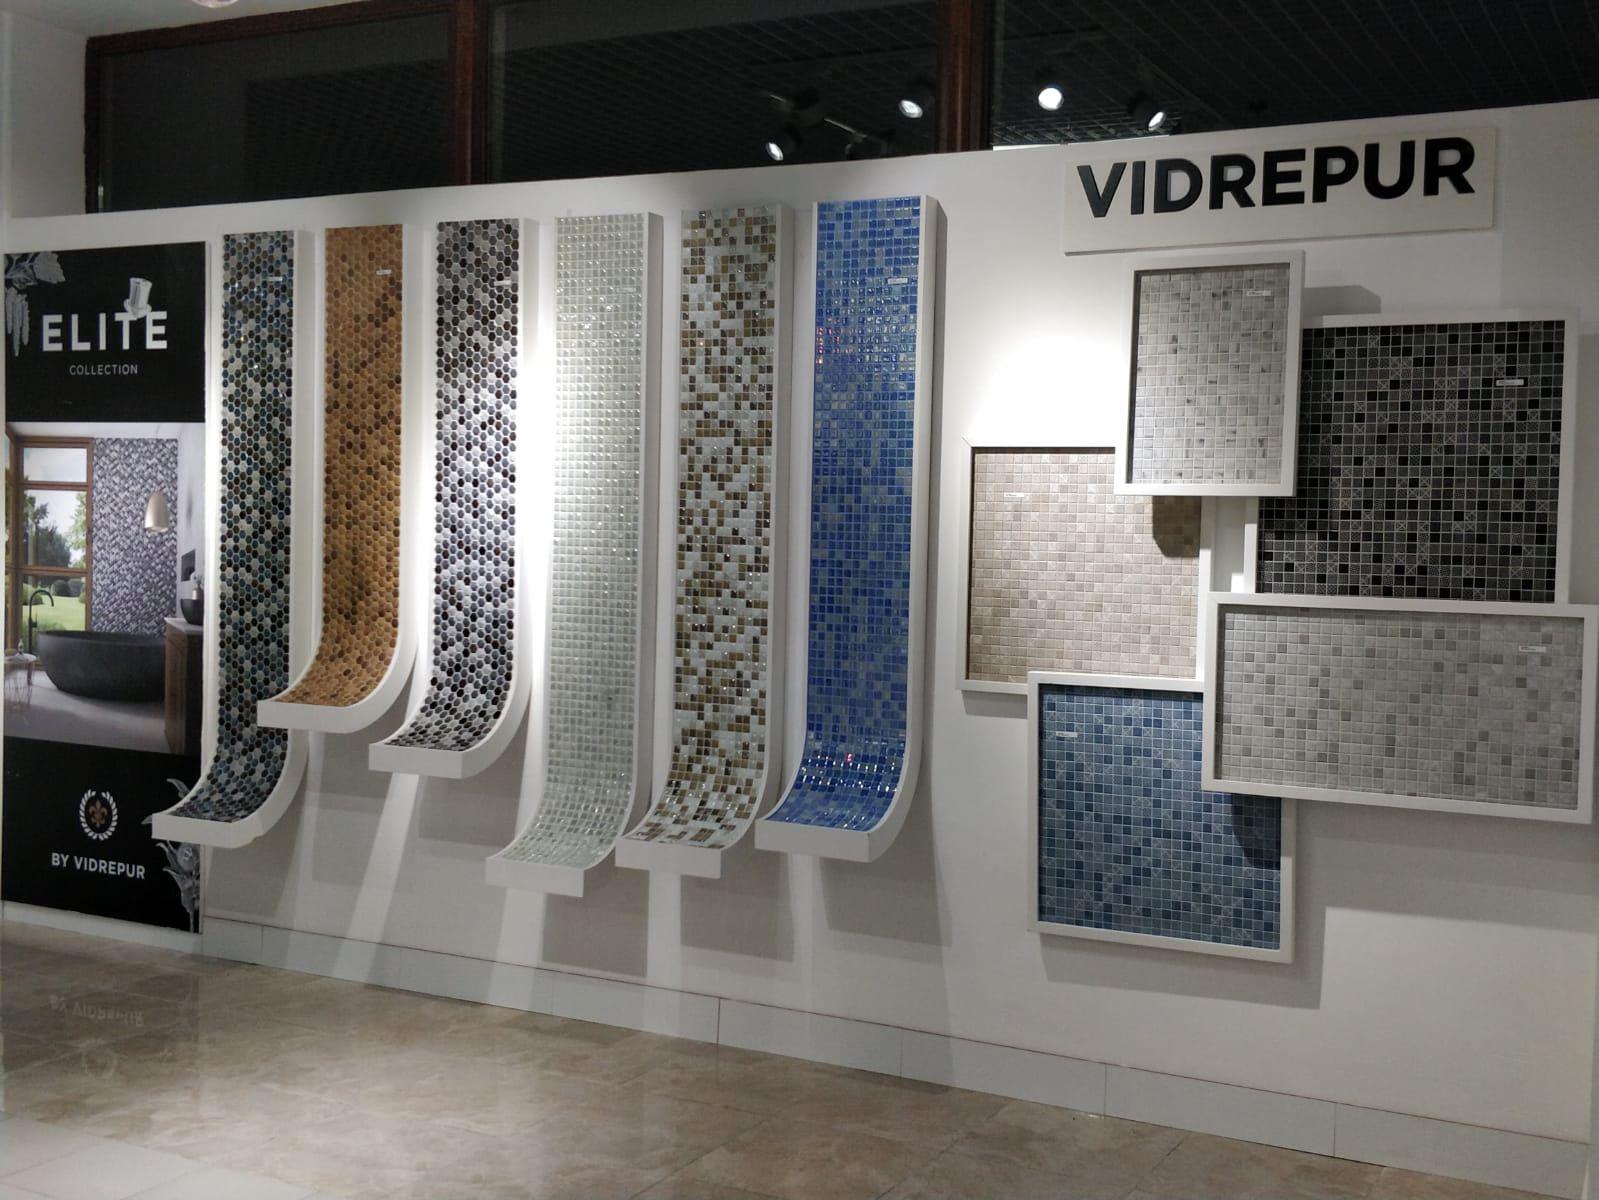 La red comercial de Vidrepur está presente en todo el mundo